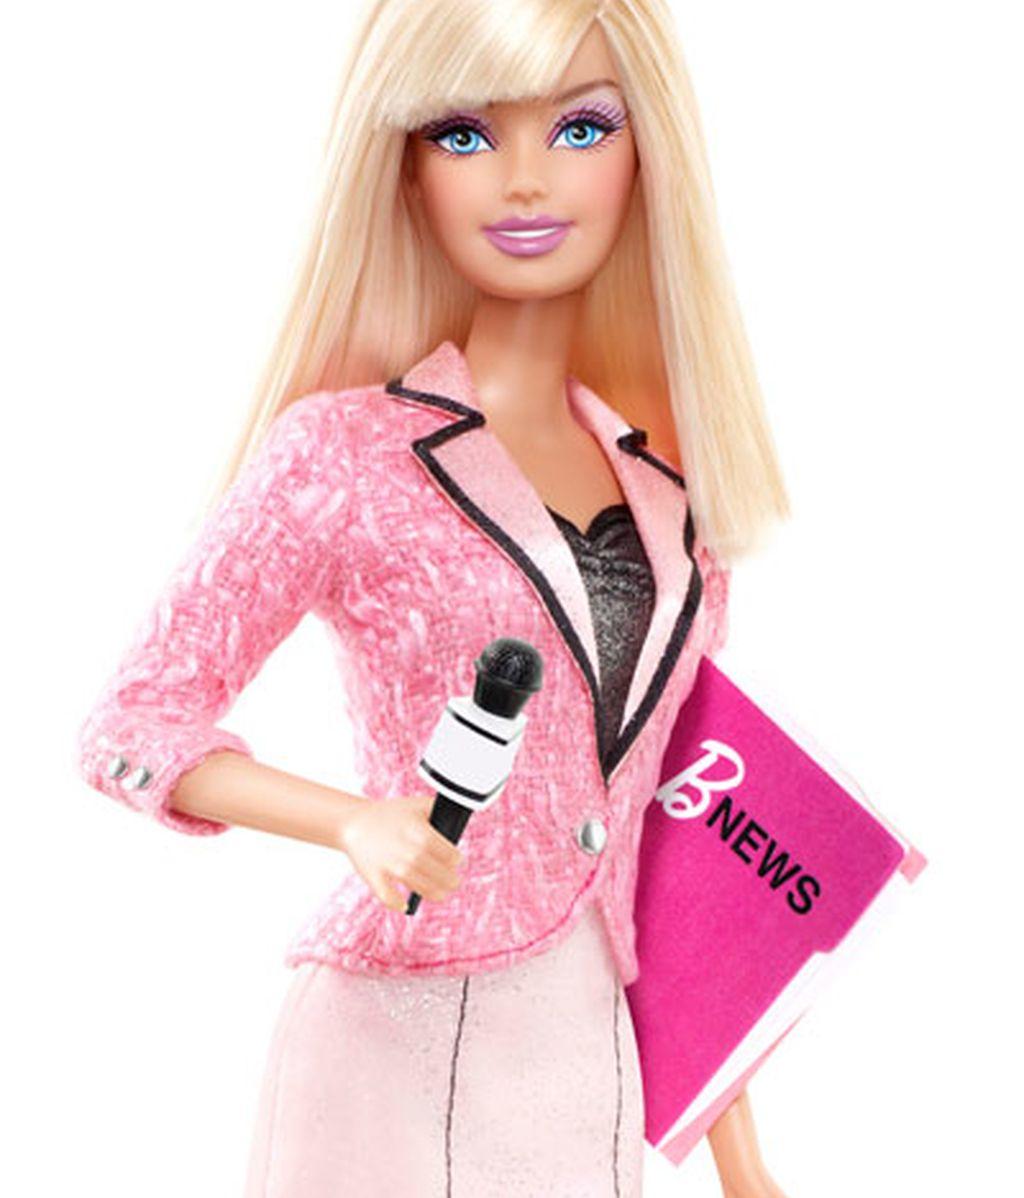 Barbie se saca las carreras de periodismo e informática